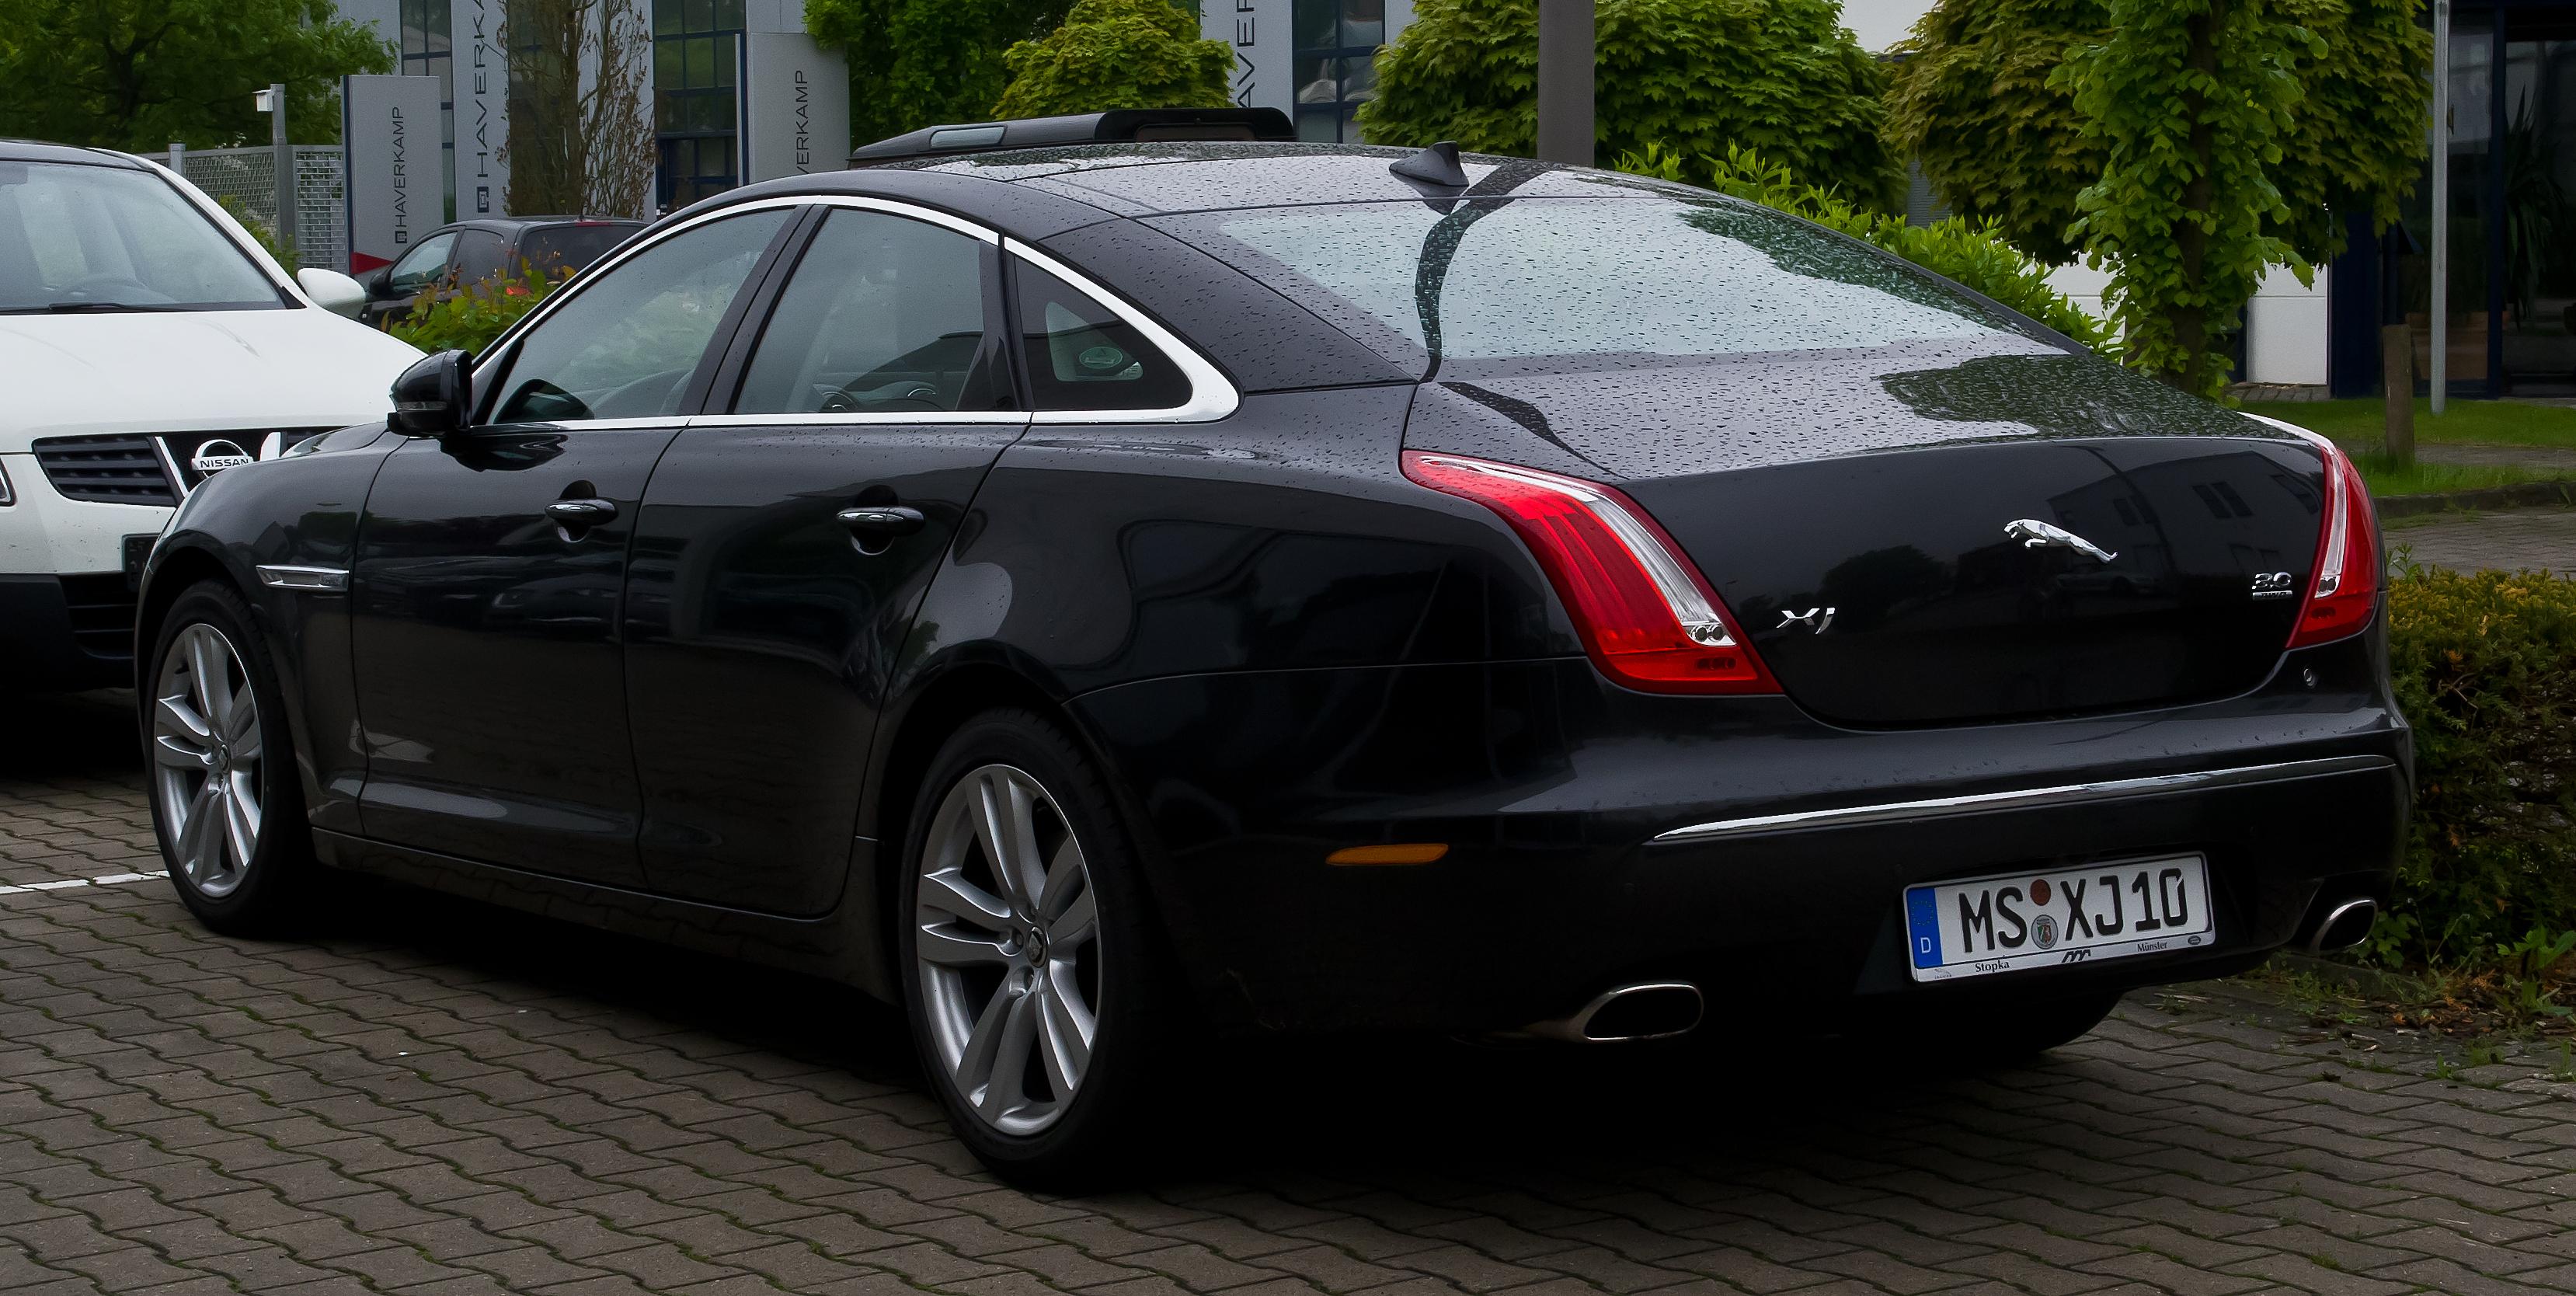 File Jaguar Xj 3 0 Kompressor Awd Premium Luxury X351